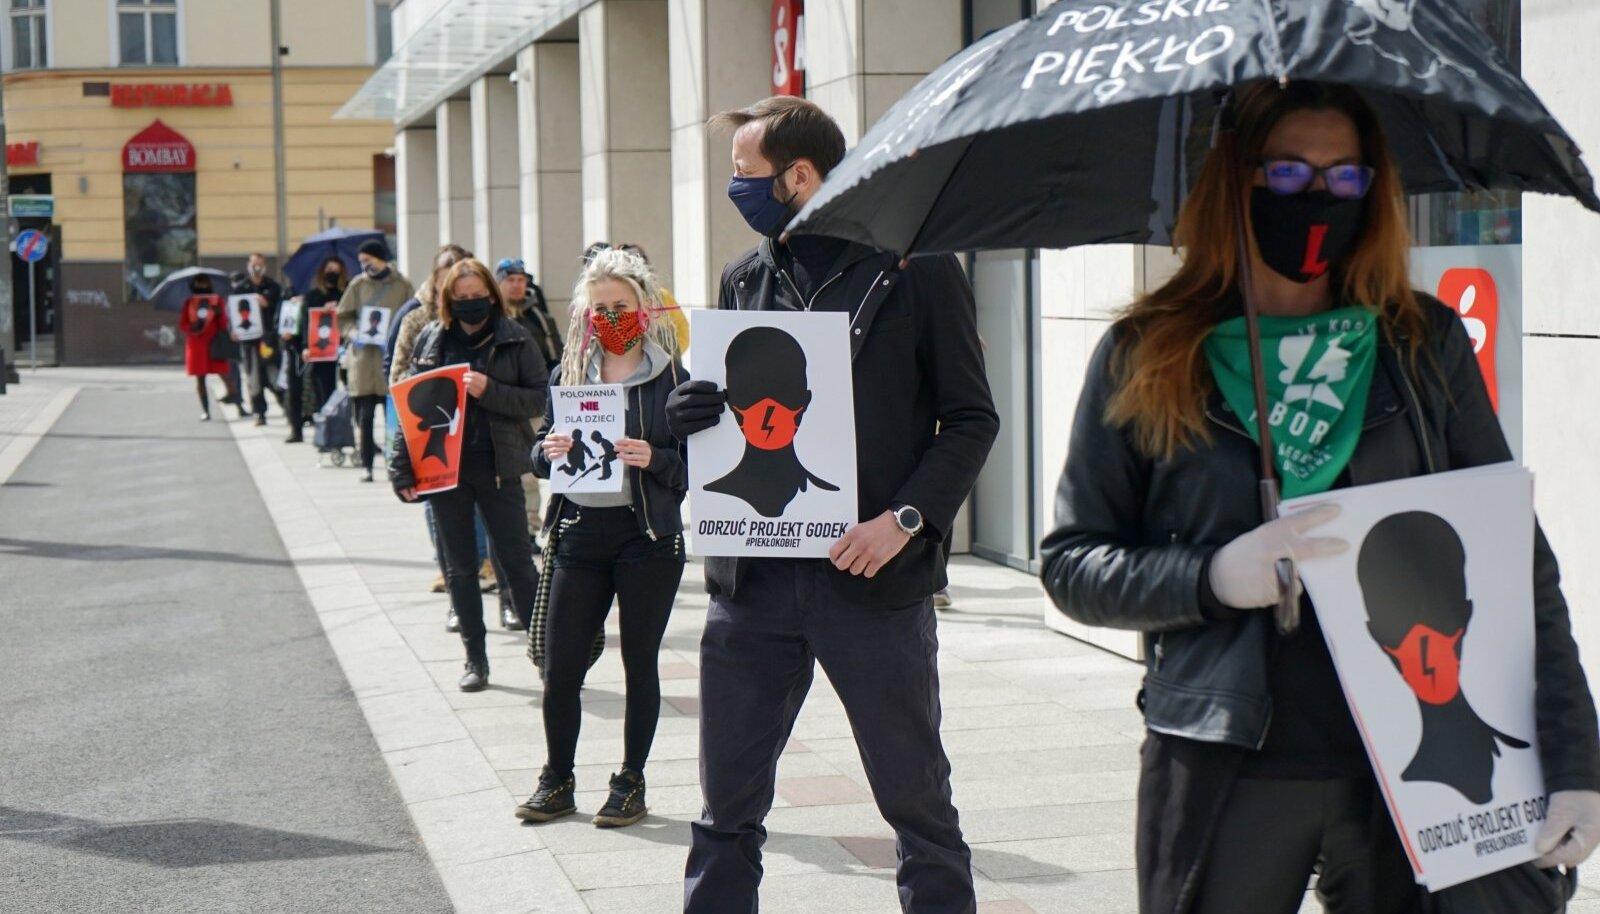 Abordireeglite karmistamise vastased meeleavaldajad eile Poolas Szczecini linnas